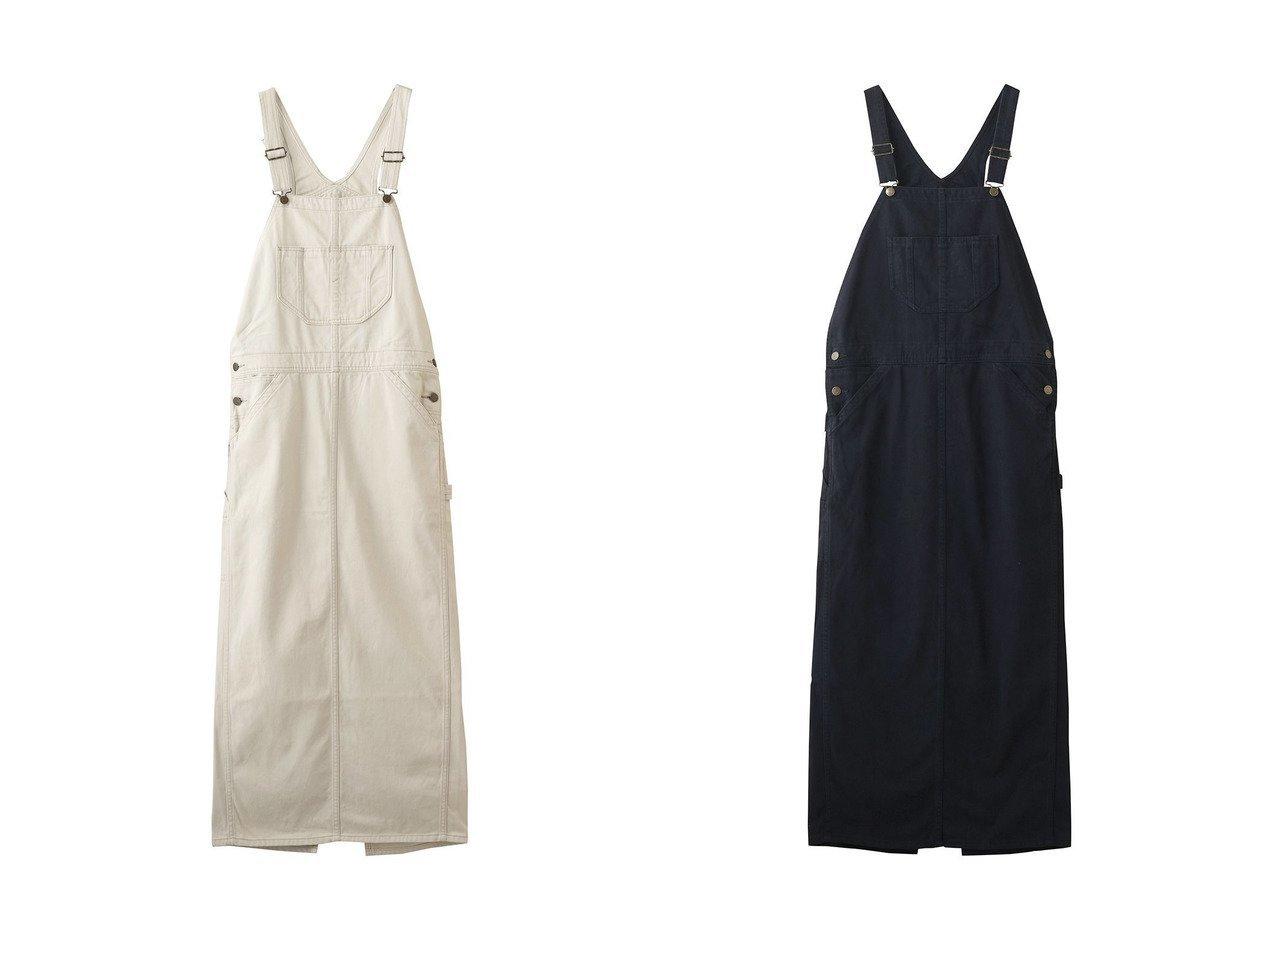 【BLUEBIRD BOULEVARD/ブルーバード ブルバード】のウォームワーカーサテンジャンスカ 【スカート】おすすめ!人気、トレンド・レディースファッションの通販   おすすめで人気の流行・トレンド、ファッションの通販商品 インテリア・家具・メンズファッション・キッズファッション・レディースファッション・服の通販 founy(ファニー) https://founy.com/ ファッション Fashion レディースファッション WOMEN スカート Skirt ロングスカート Long Skirt 2020年 2020 2020-2021秋冬・A/W AW・Autumn/Winter・FW・Fall-Winter/2020-2021 2021年 2021 2021-2022秋冬・A/W AW・Autumn/Winter・FW・Fall-Winter・2021-2022 A/W・秋冬 AW・Autumn/Winter・FW・Fall-Winter おすすめ Recommend サテン ジャケット スリット セットアップ デニム ロング ワーク  ID:crp329100000065912